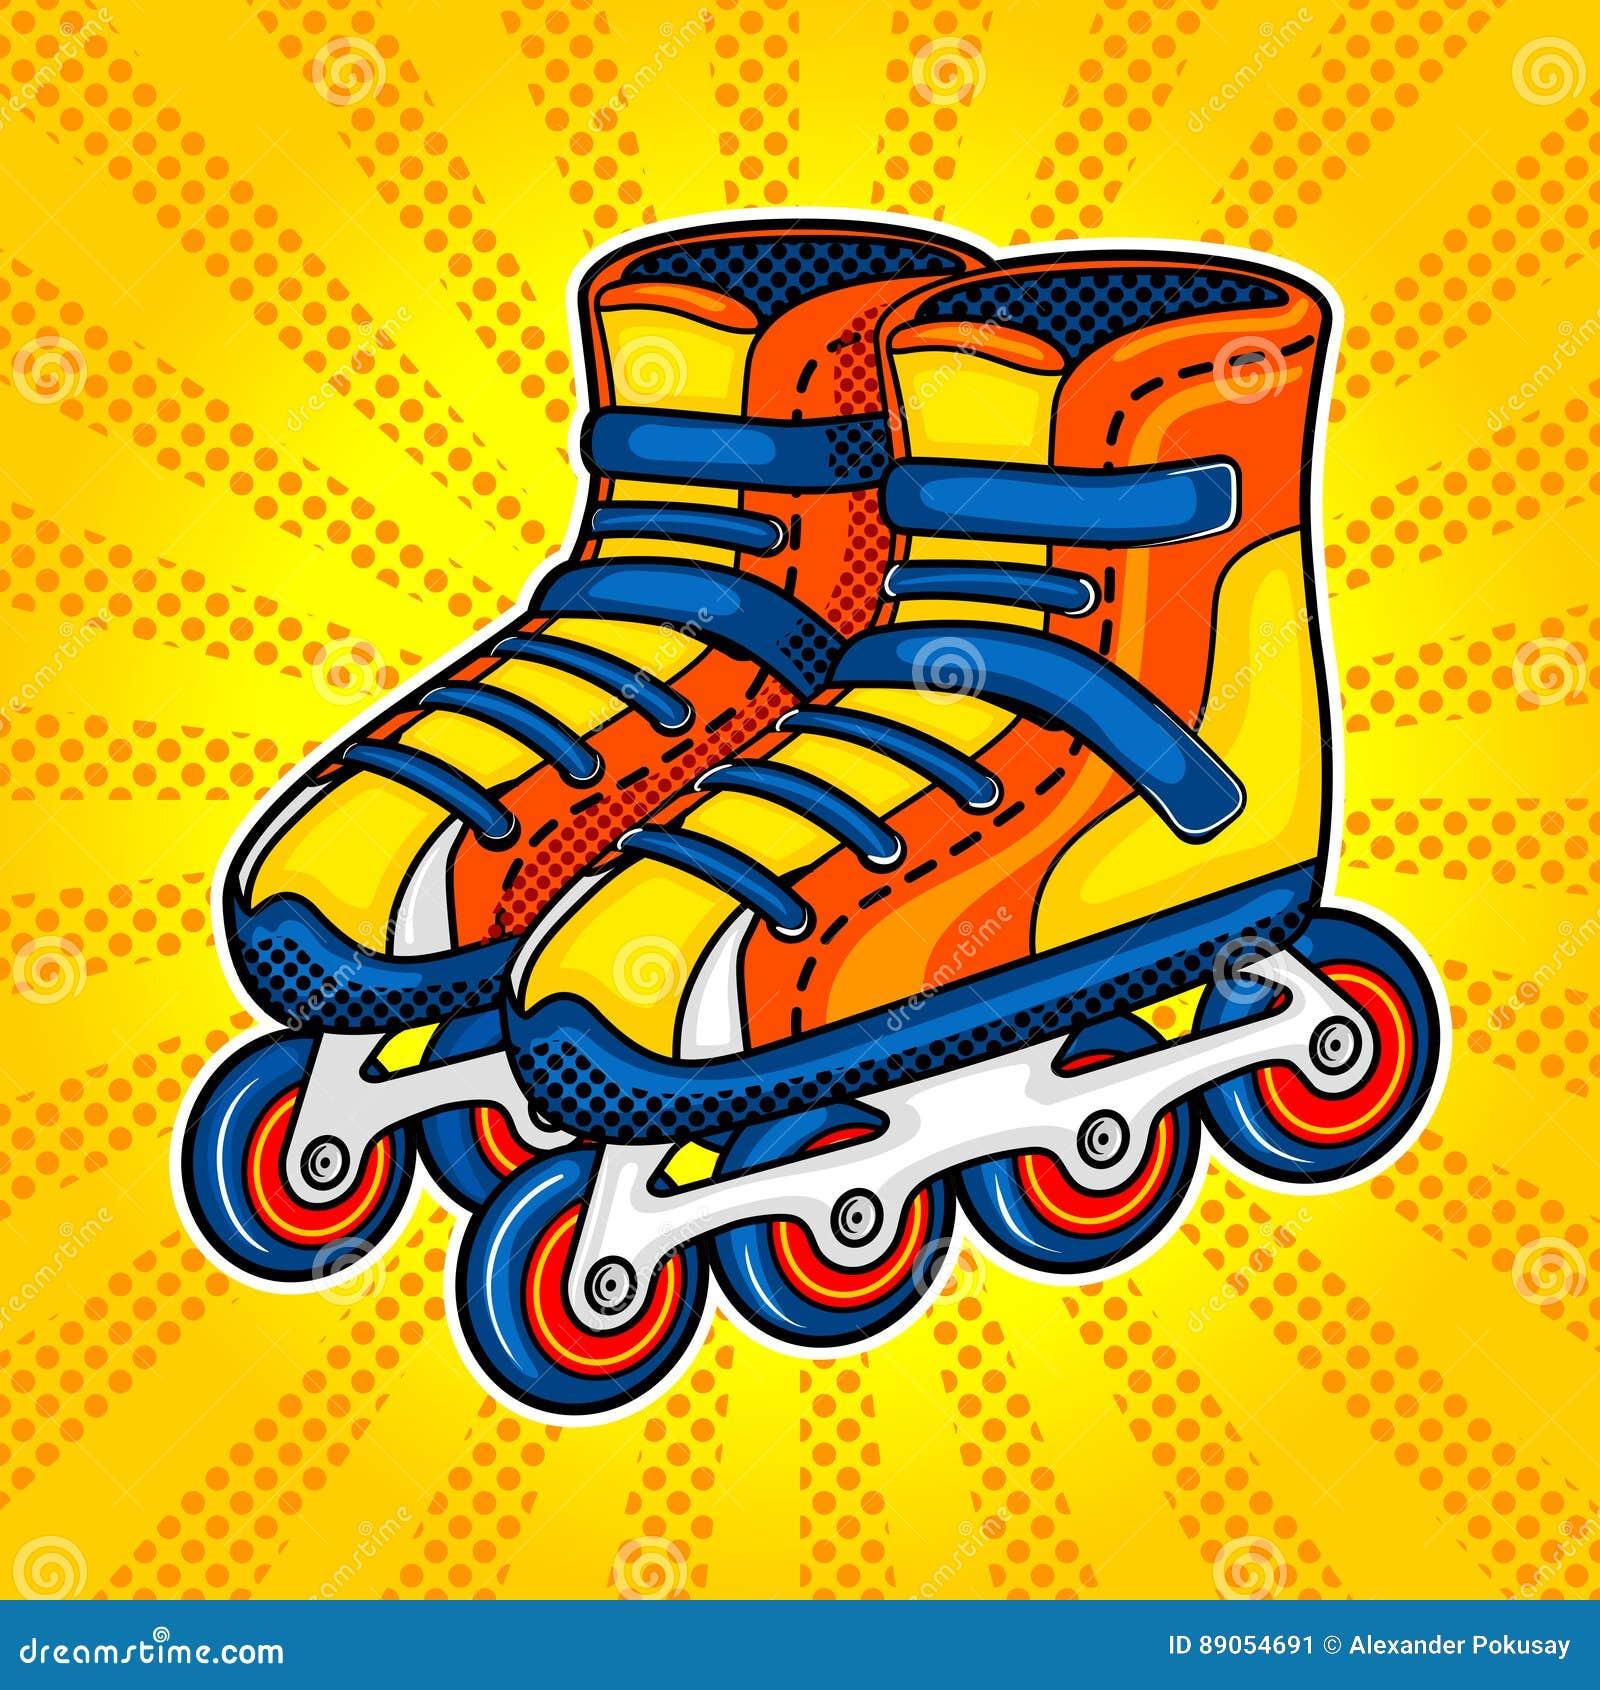 Roller skates book - Roller Skates Comic Book Style Vector